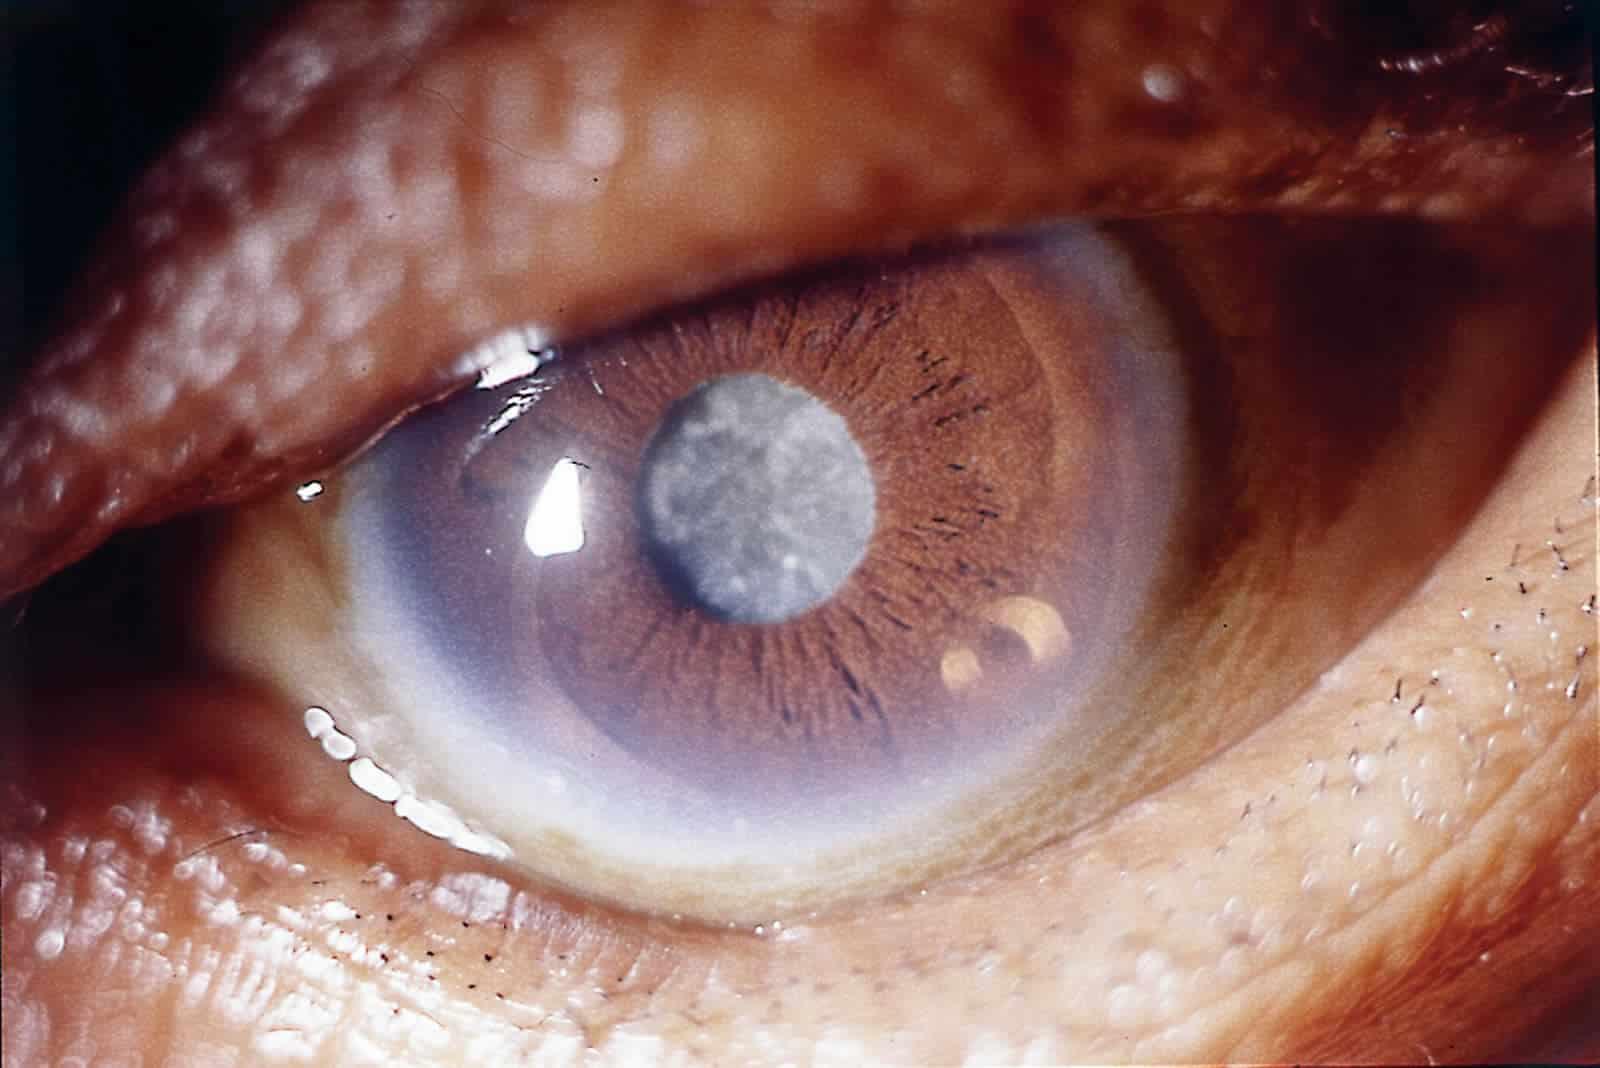 Увеит глаза: симптомы и лечение у взрослых, причины и последствия